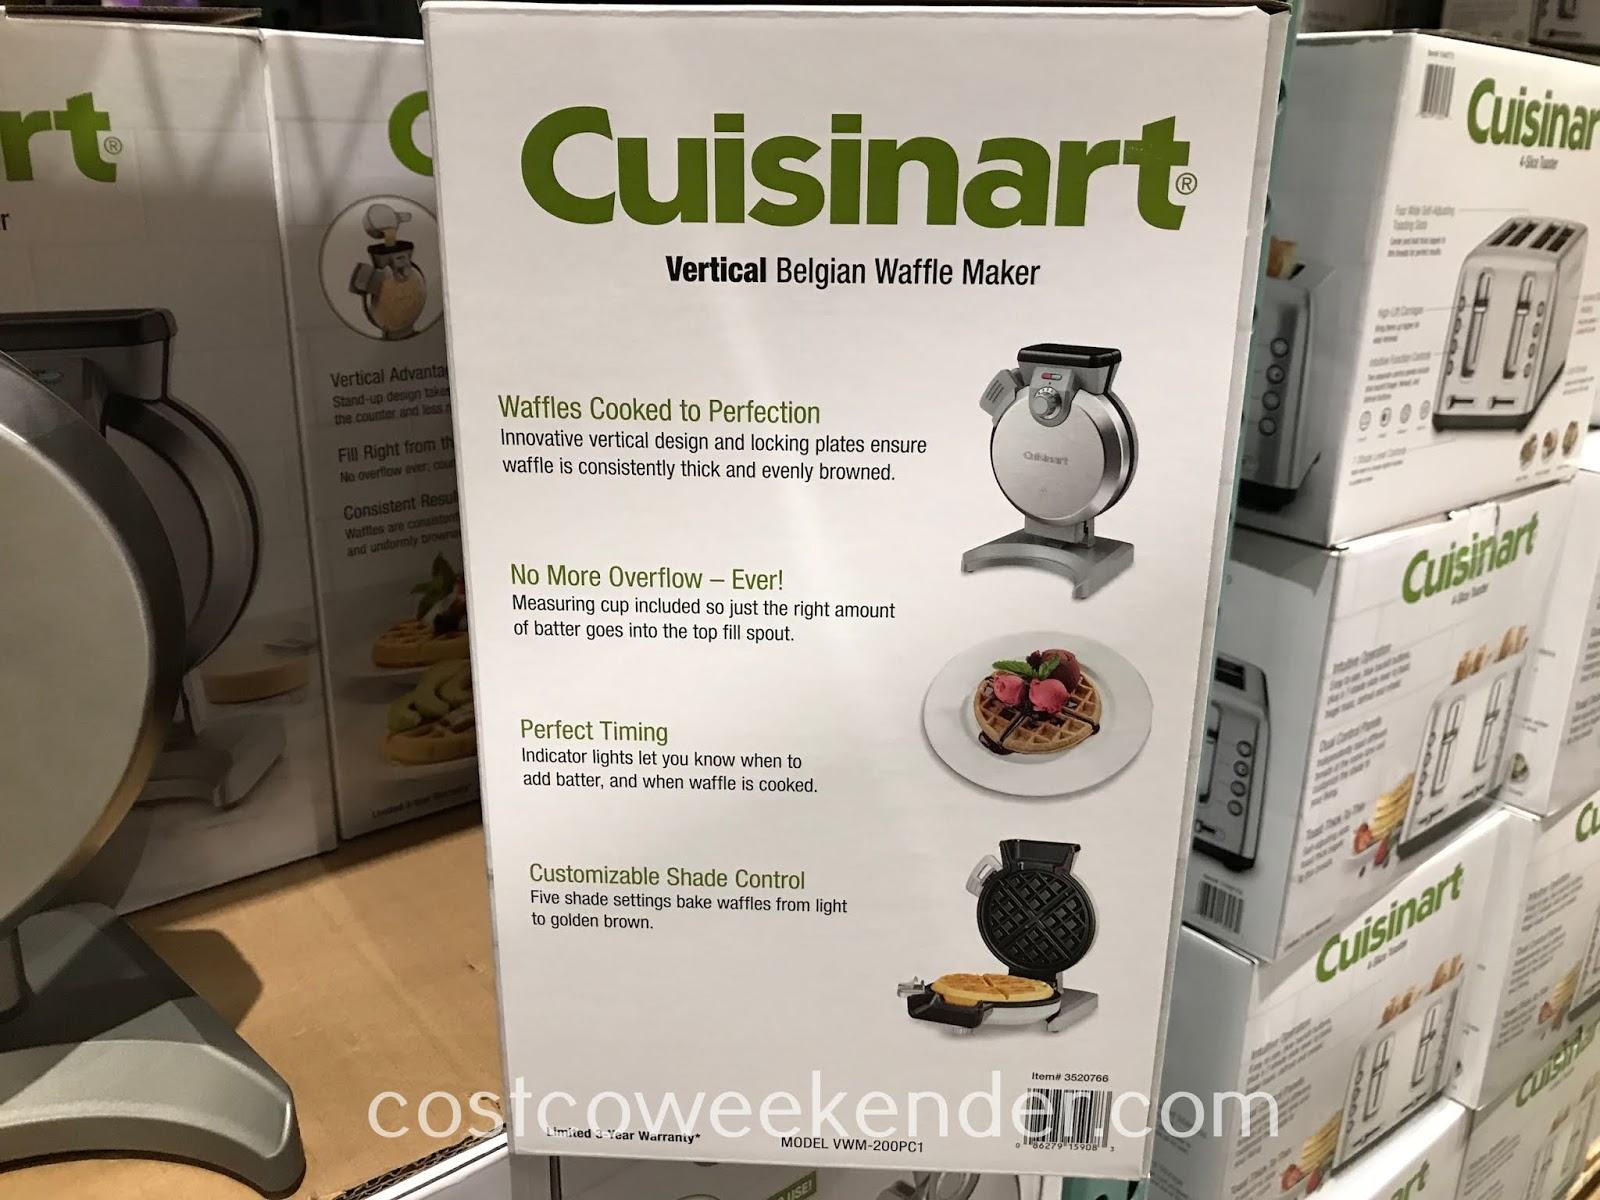 Cuisinart Vertical Belgian Waffle Maker features a space-saving design